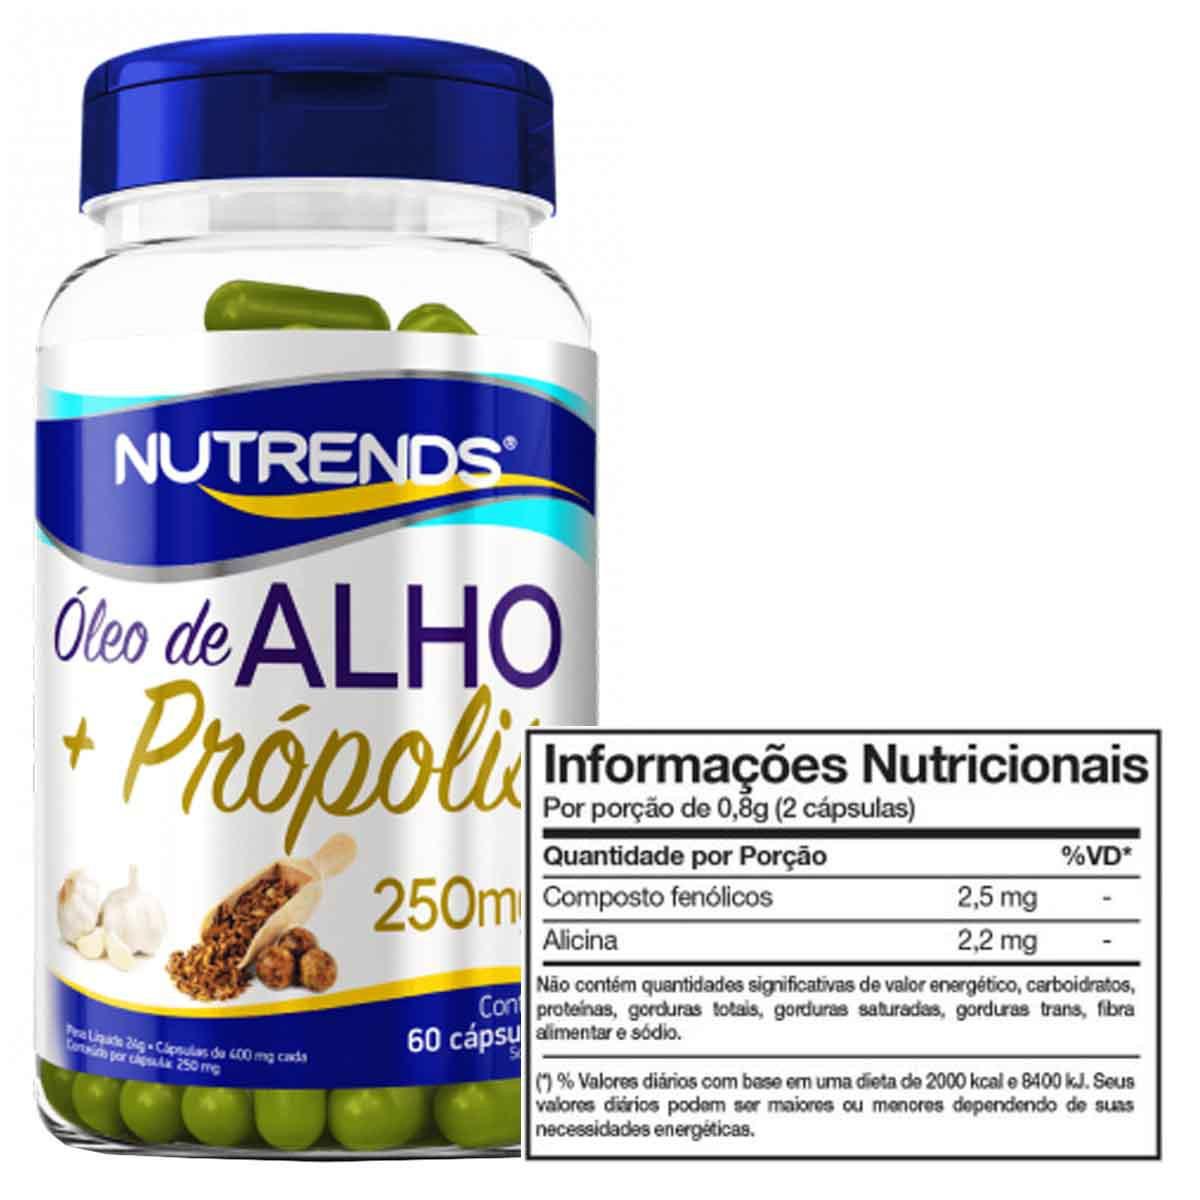 Óleo de Alho + Própolis 60 cápsulas - Nutrends